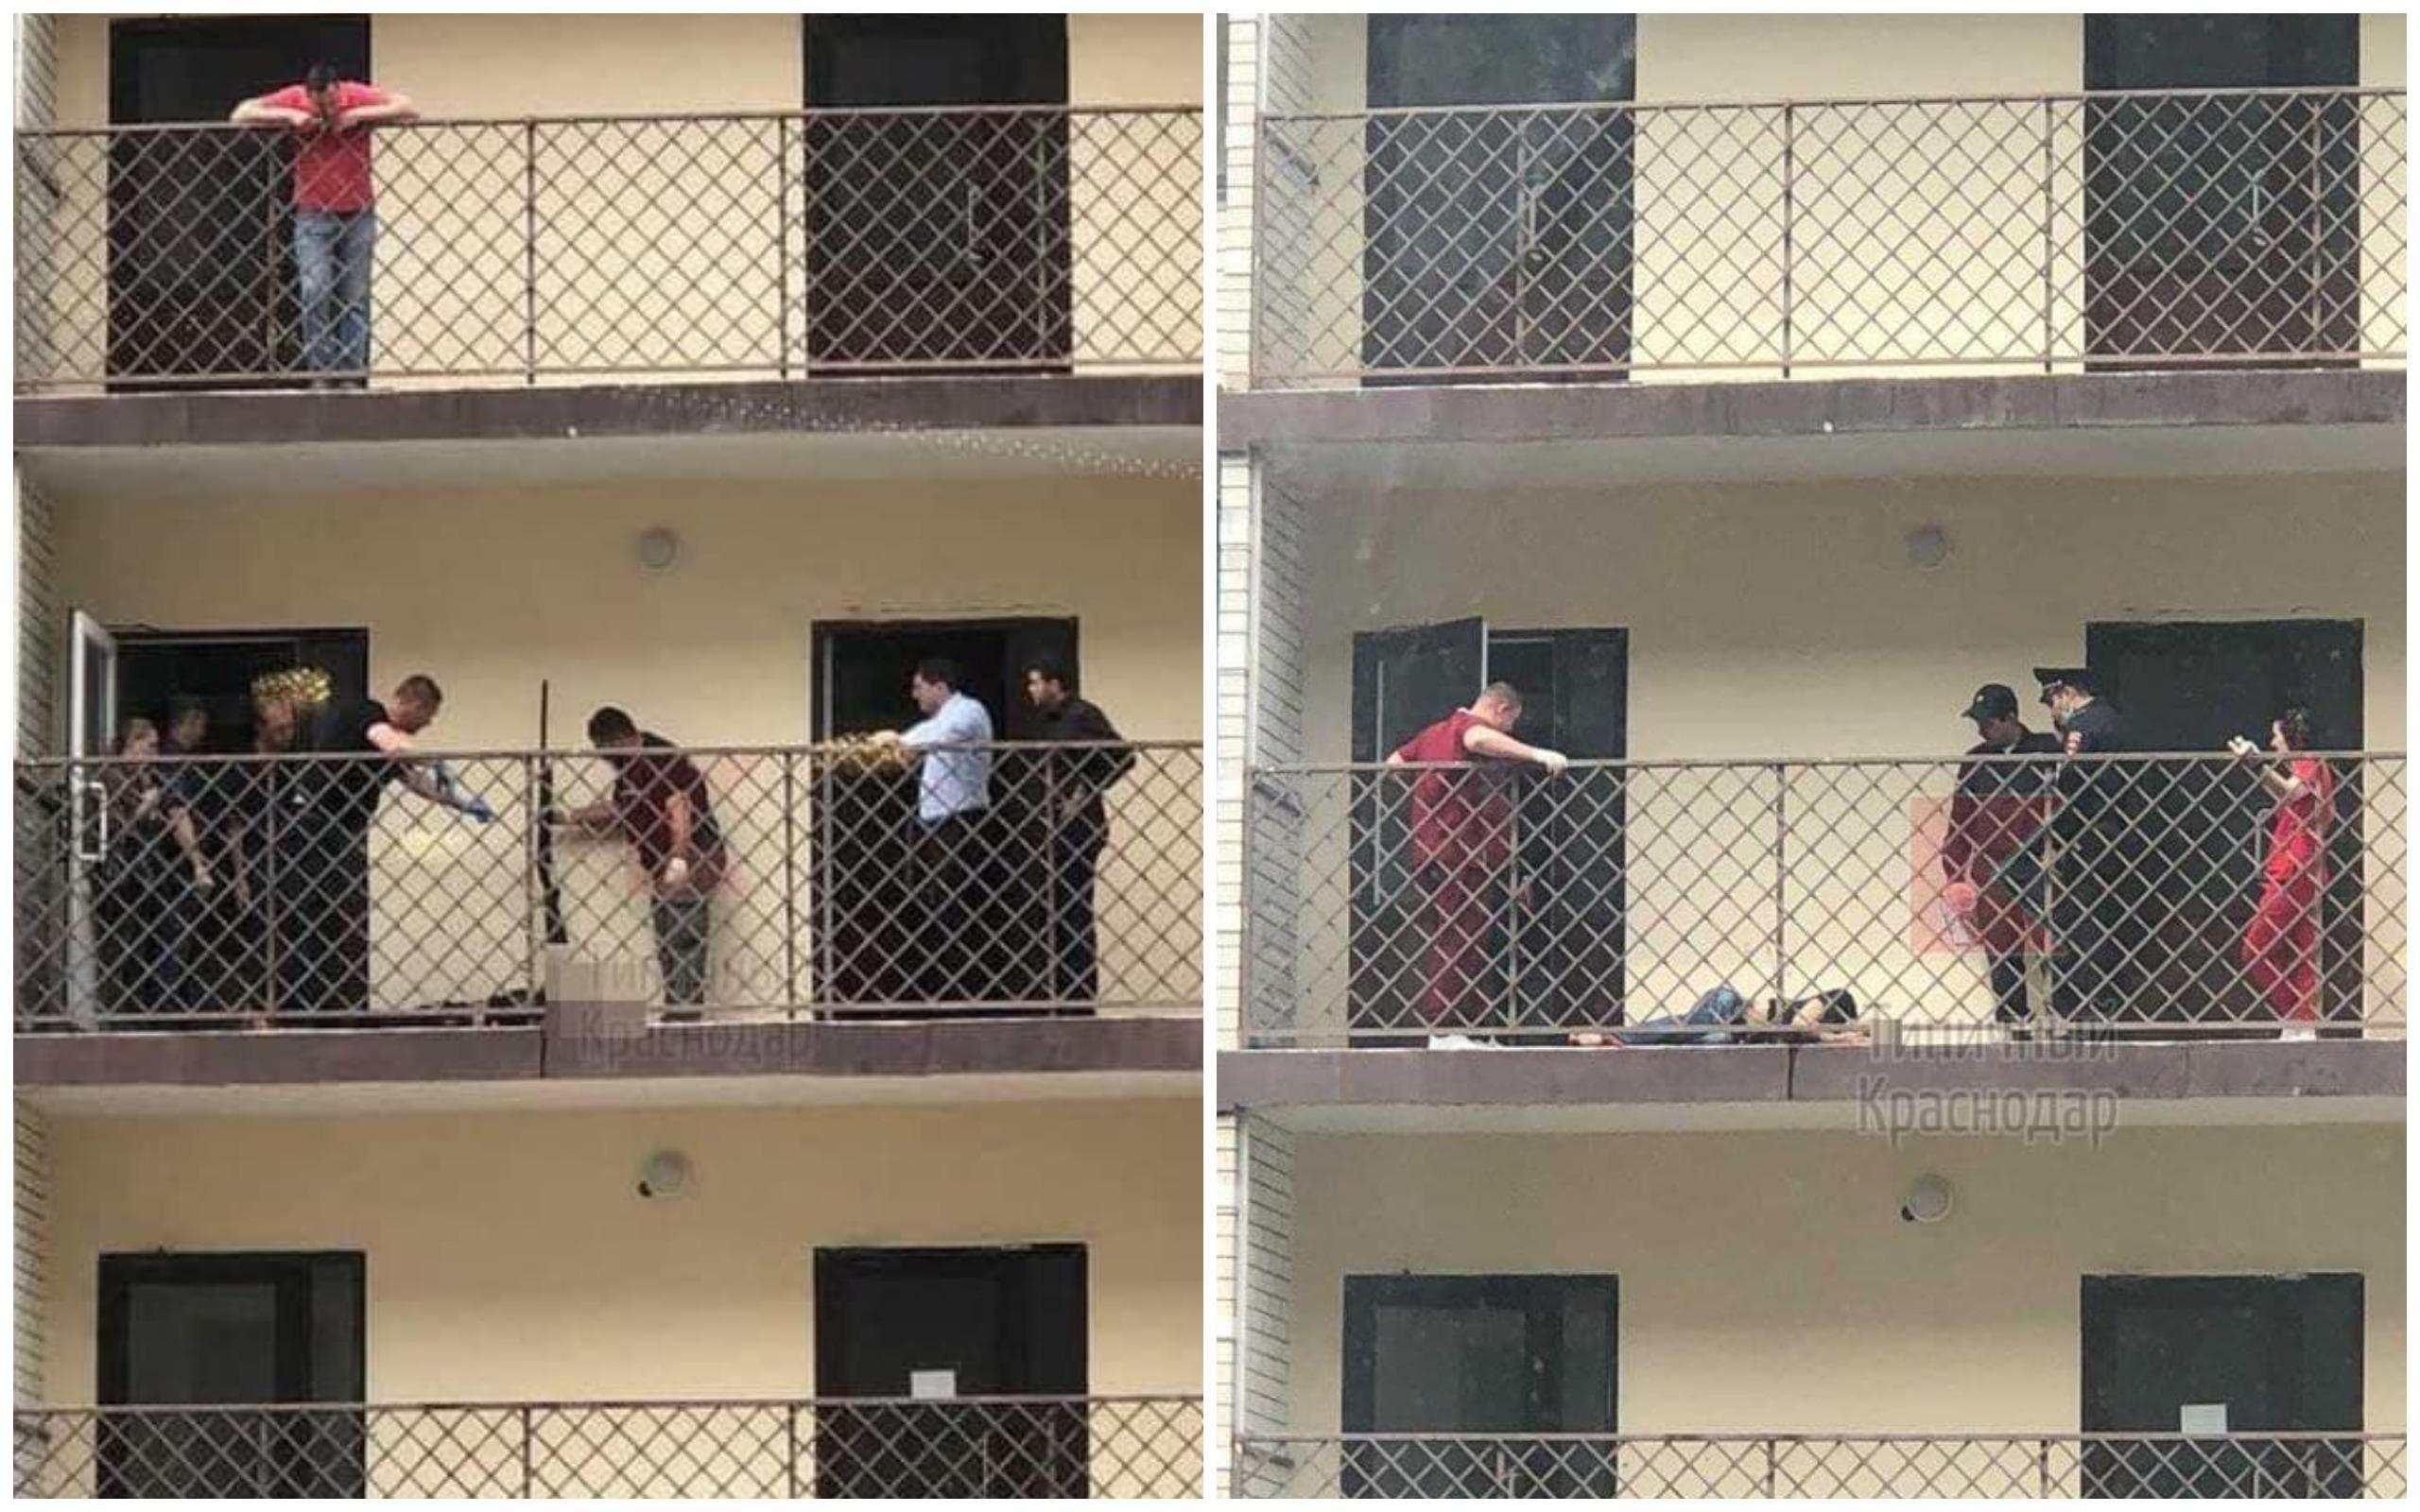 Появились подробности смерти мужчины на балконе ЖК в Краснодаре